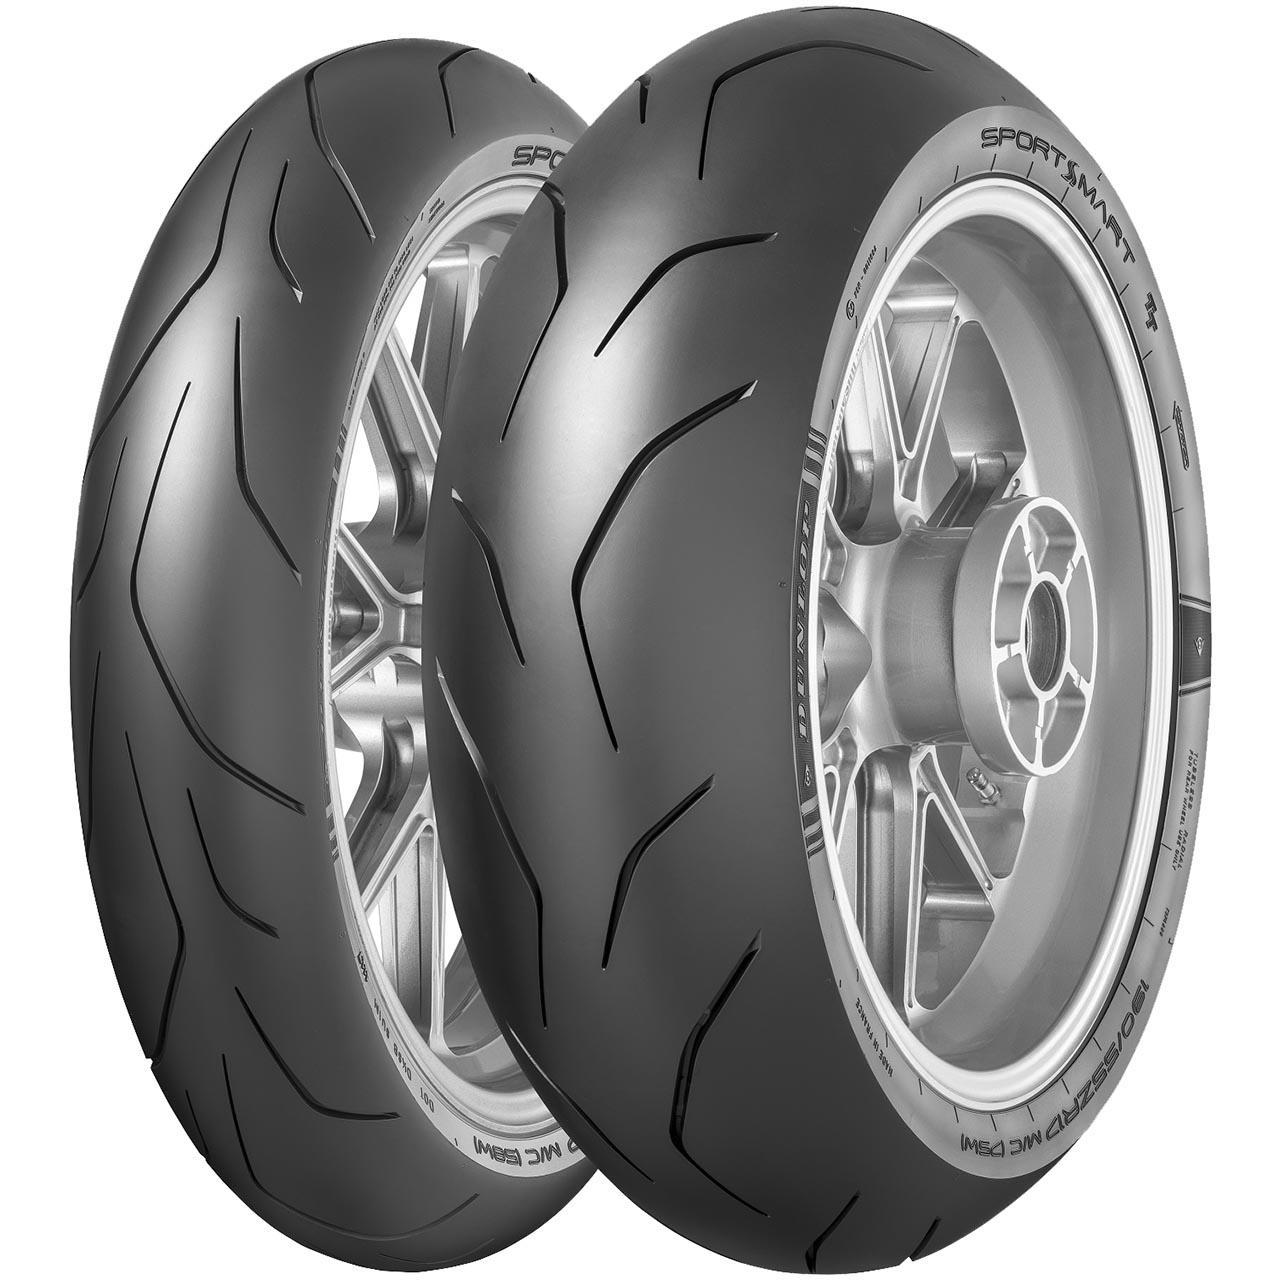 Dunlop Sportsmart TT Rear 180/55ZR17 (73W) TL